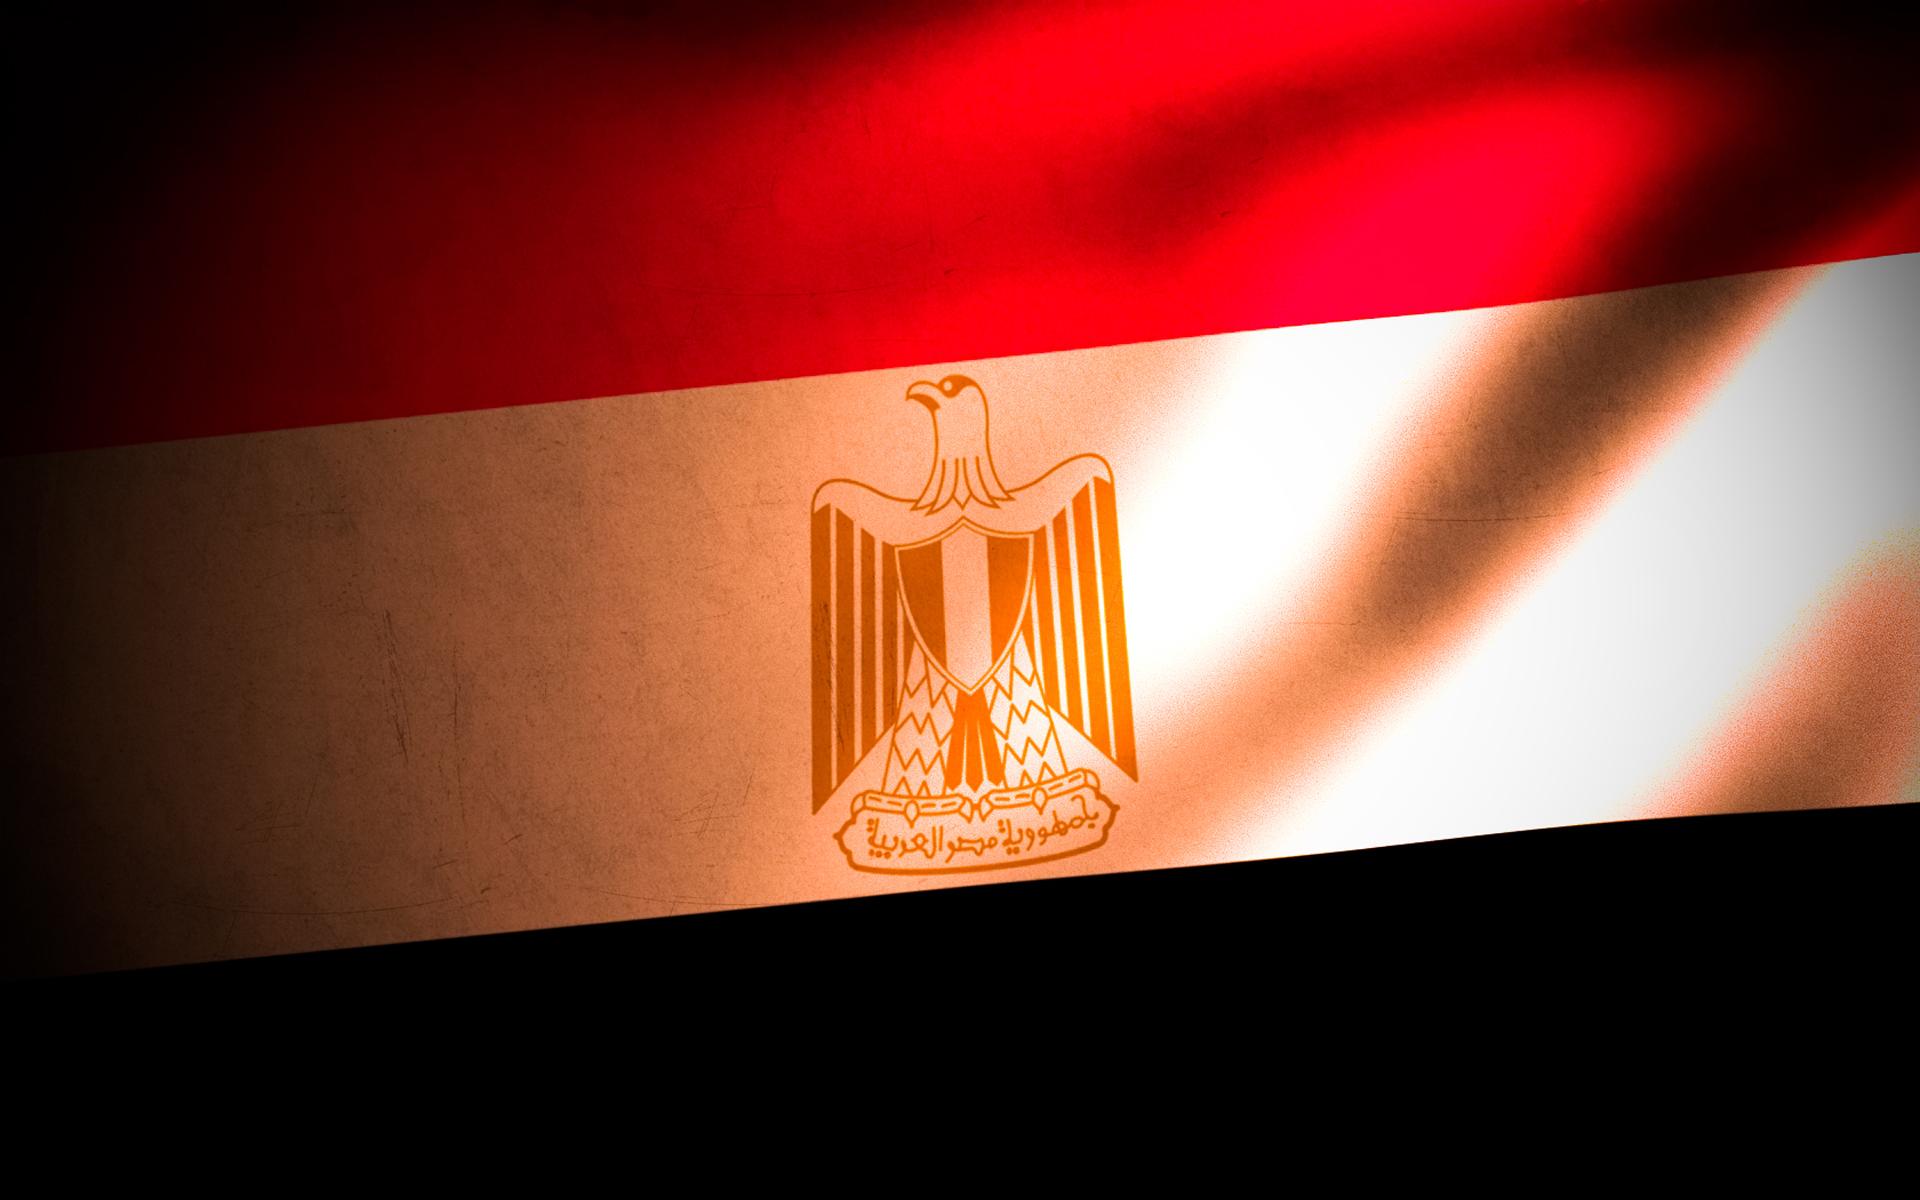 علم مصر بالصور احلي صور علم مصر (3)